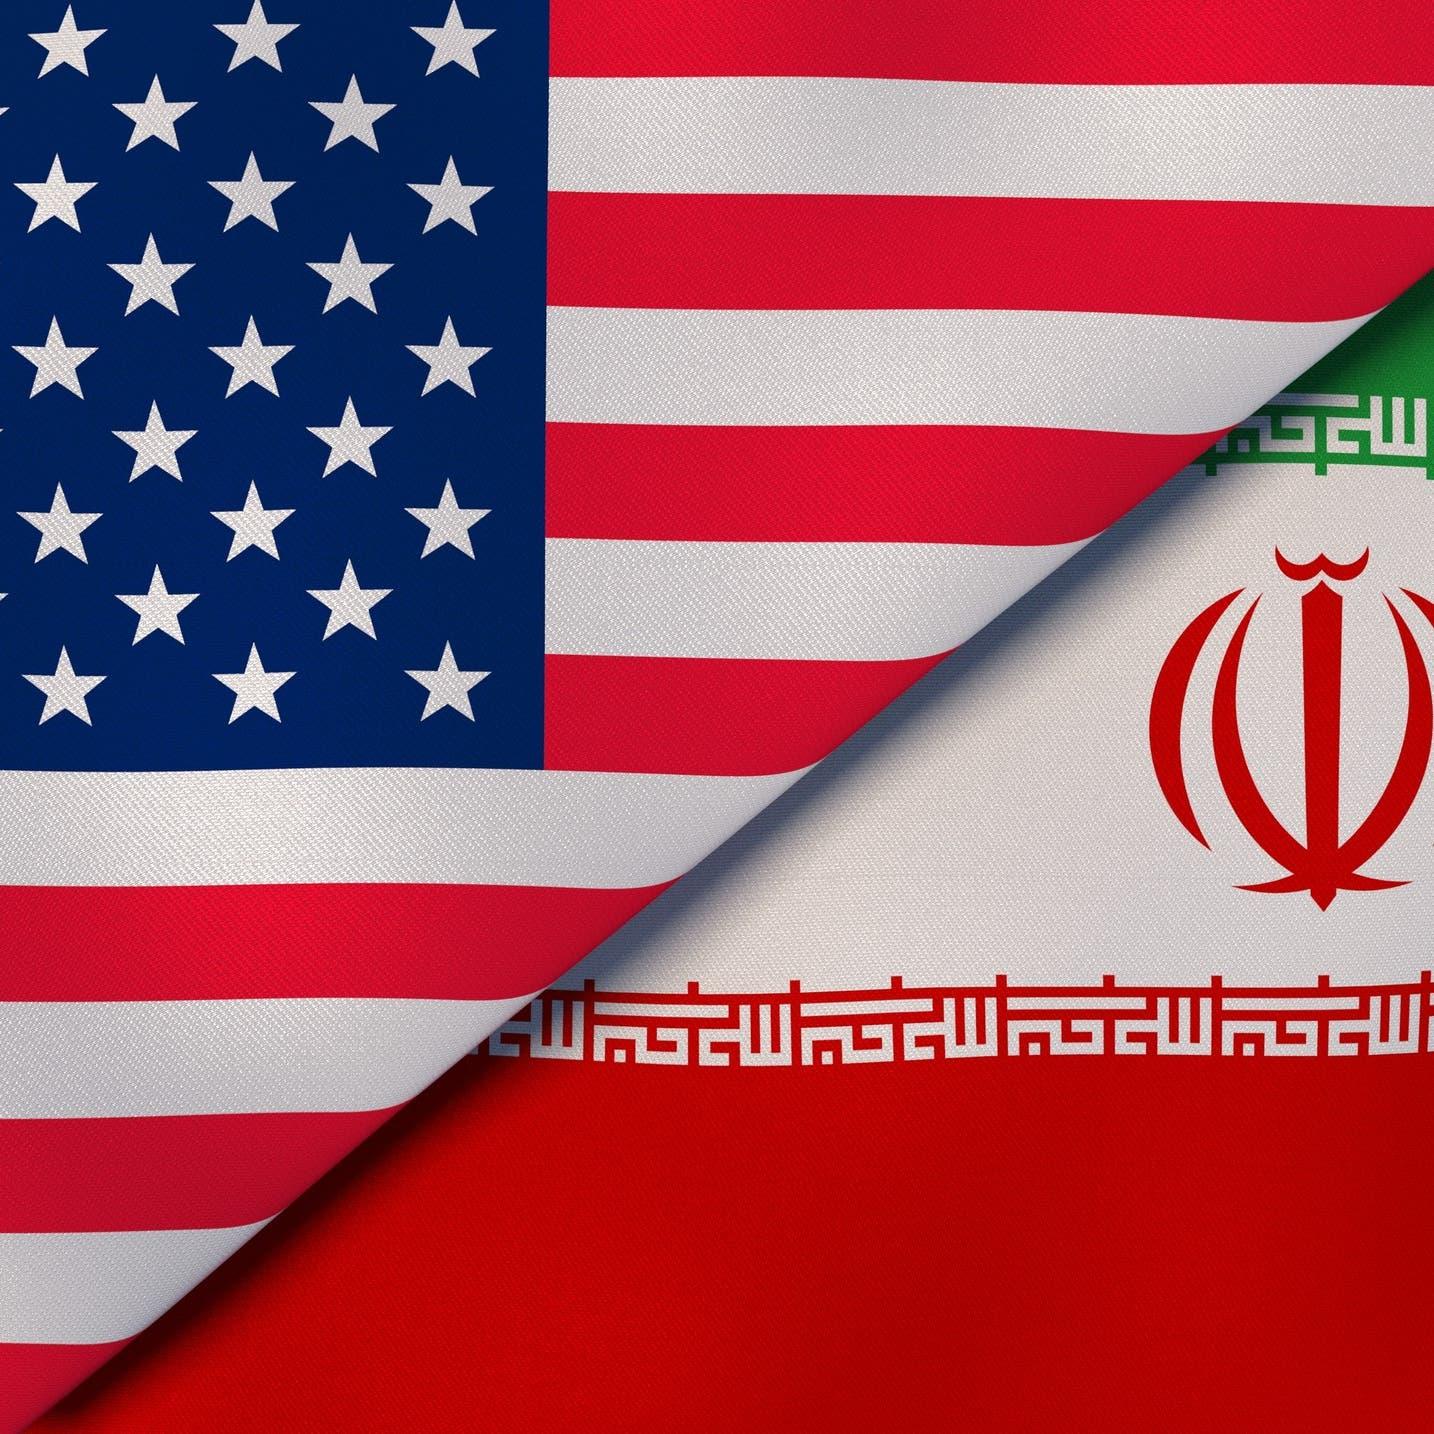 واشنطن: نووي إيران أساس التفاوض لكن لدينا اهتمامات أخرى